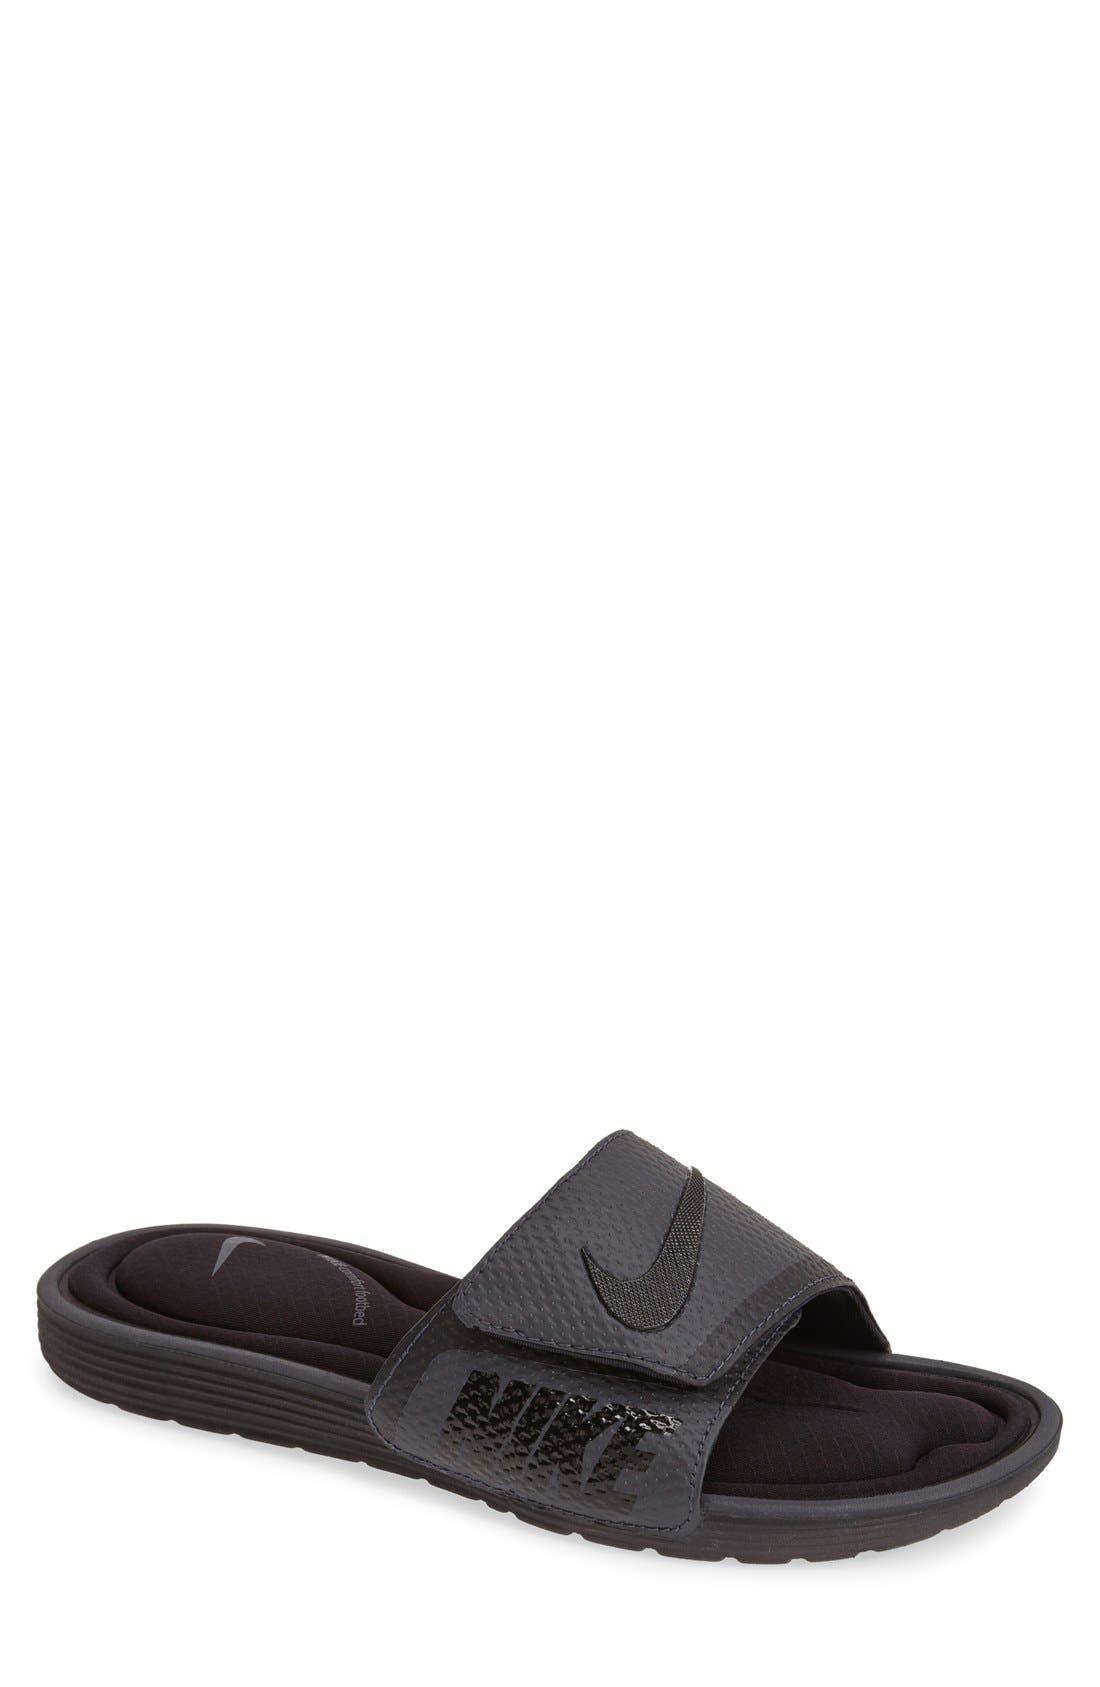 Nike 'Solarsoft Comfort Slide' Sandal